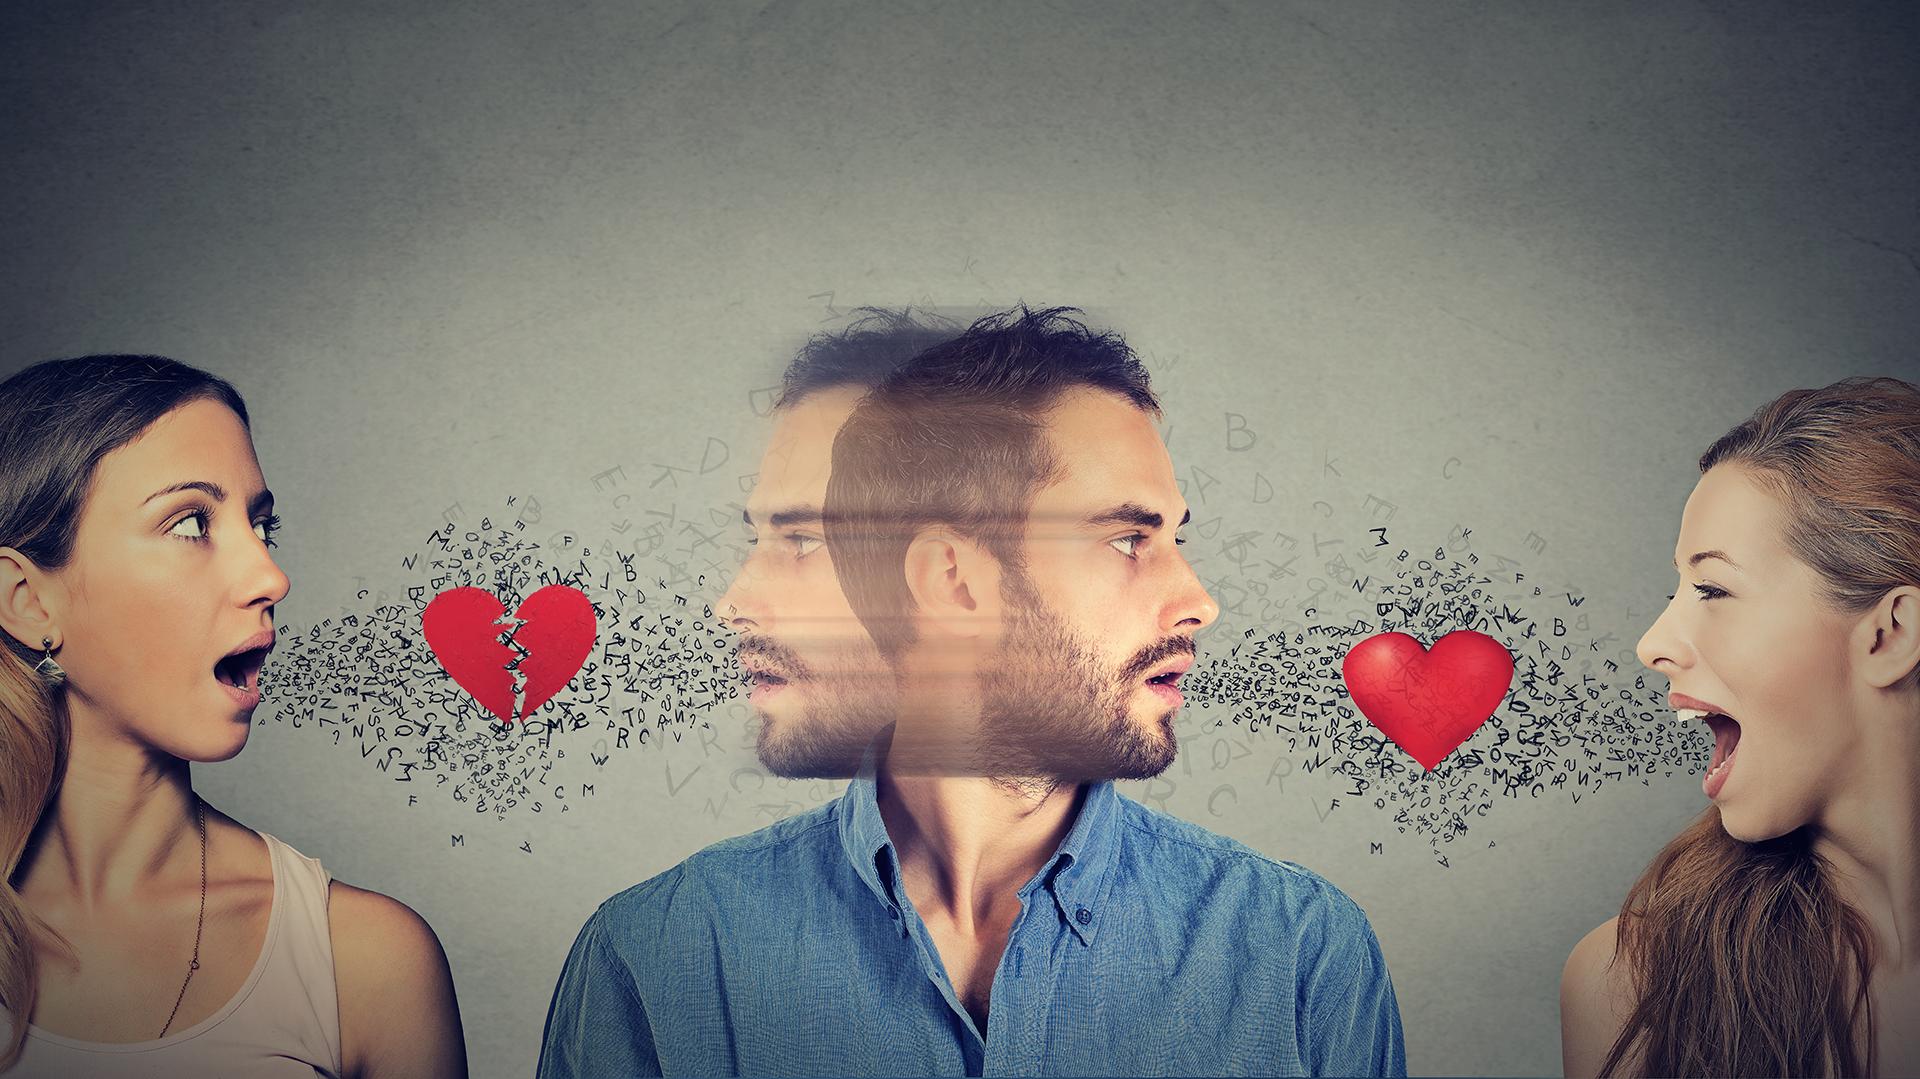 La pauta de no comprometerse emocionalmente es una de las obligaciones que se debía cumplimentar para aventurarse a lo nuevo (IStock)